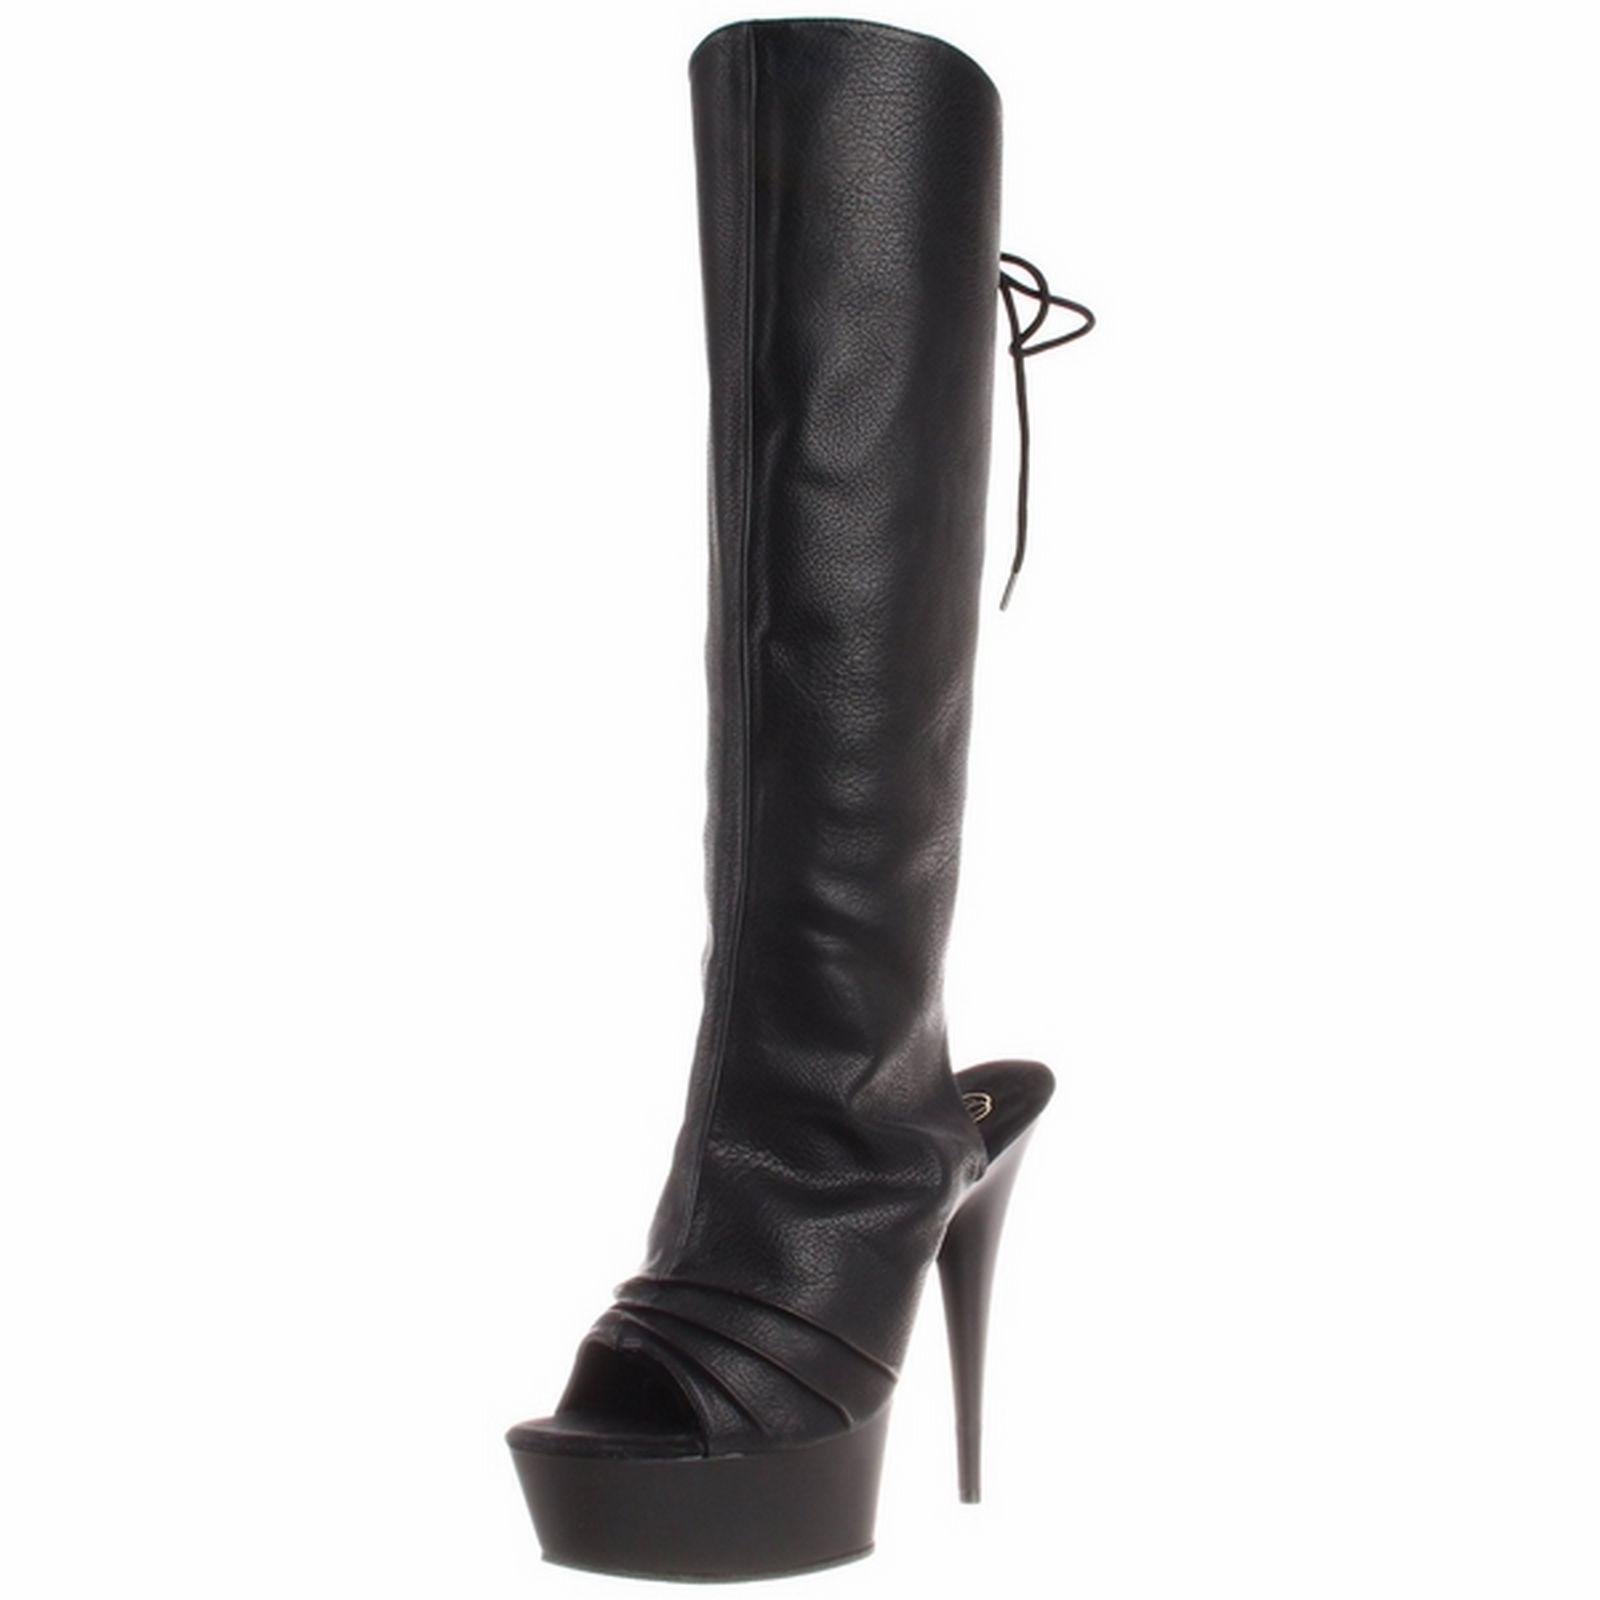 Pleaser High Heel Black Spike Heel Knee Boot Open Toe Delight-2018 Black Pu